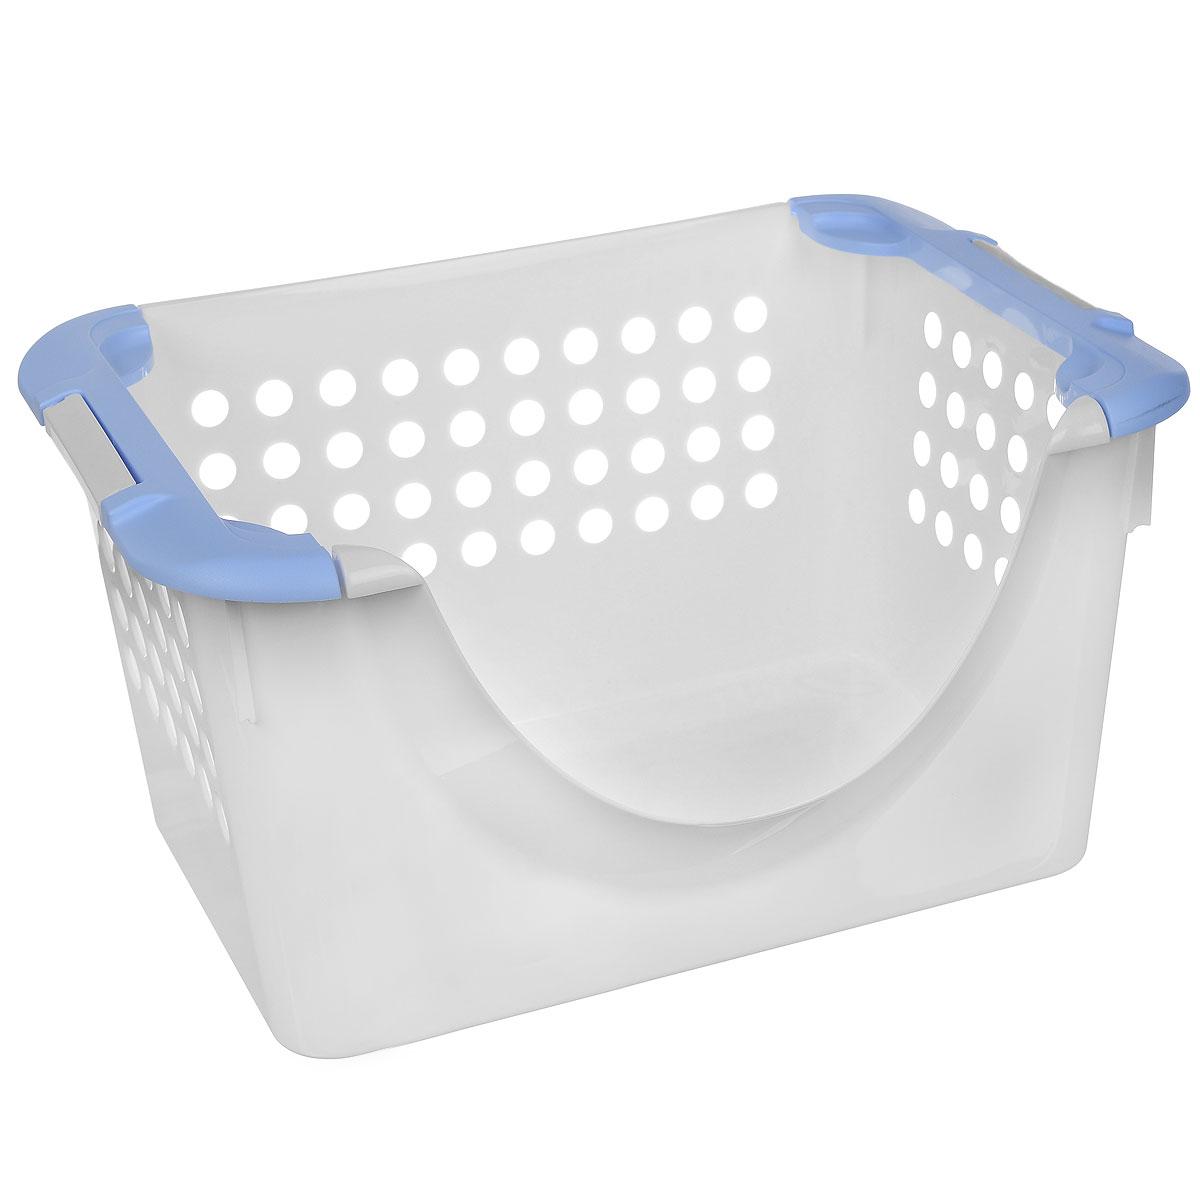 Корзинка универсальная Econova, с ручками, цвет: белый, голубой, 30 х 22 х 43 см780869_белый, голубойУниверсальная корзина Econova, выполненная из прочного пластика, предназначена для хранения вещей в ванной, на кухне, даче или гараже. Позволяет хранить вещи, исключая возможность их потери. Корзина оснащена двумя удобными ручками для переноски. Боковые стенки перфорированы.